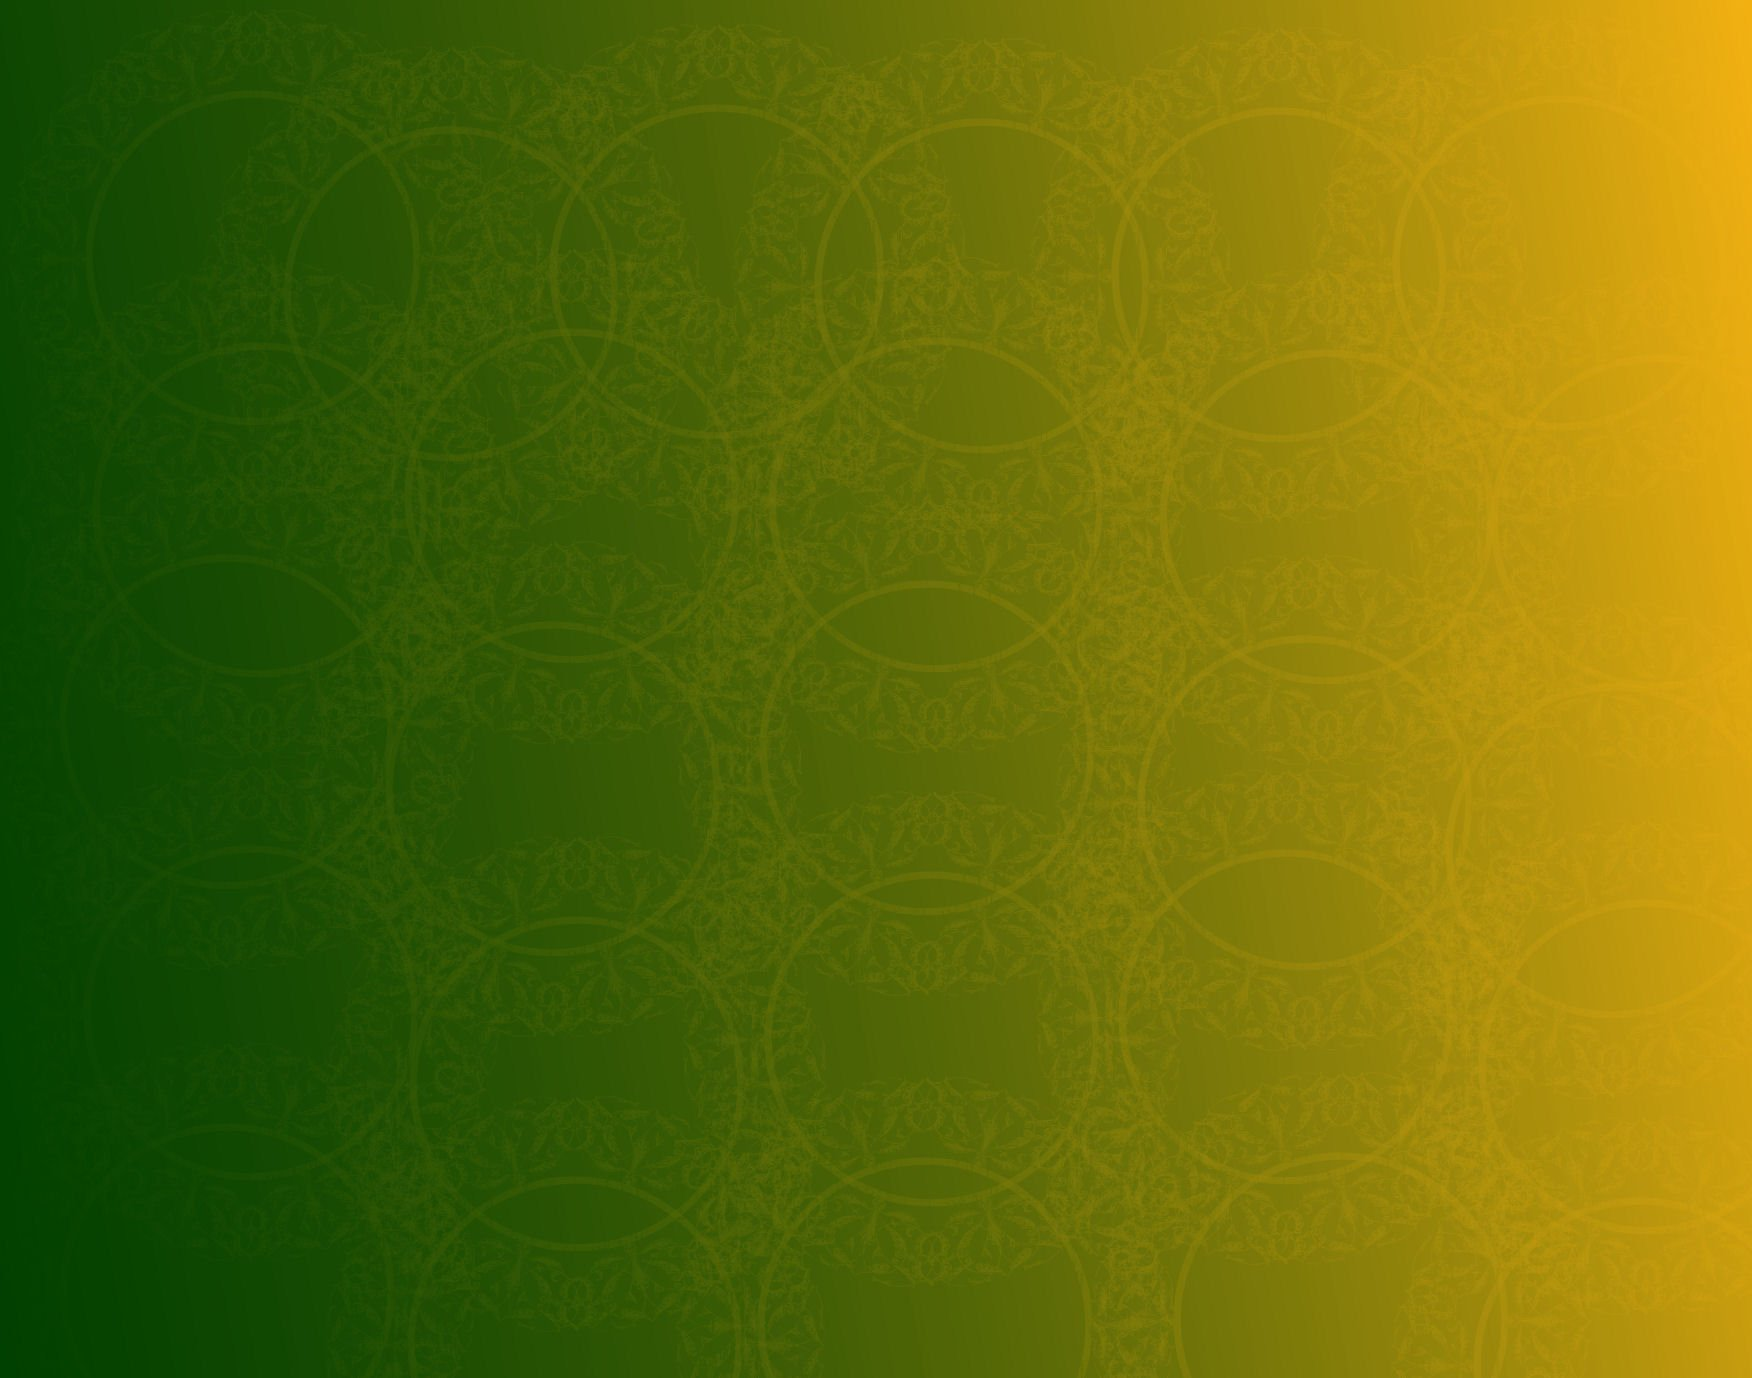 Green and Gold Wallpaper - WallpaperSafari